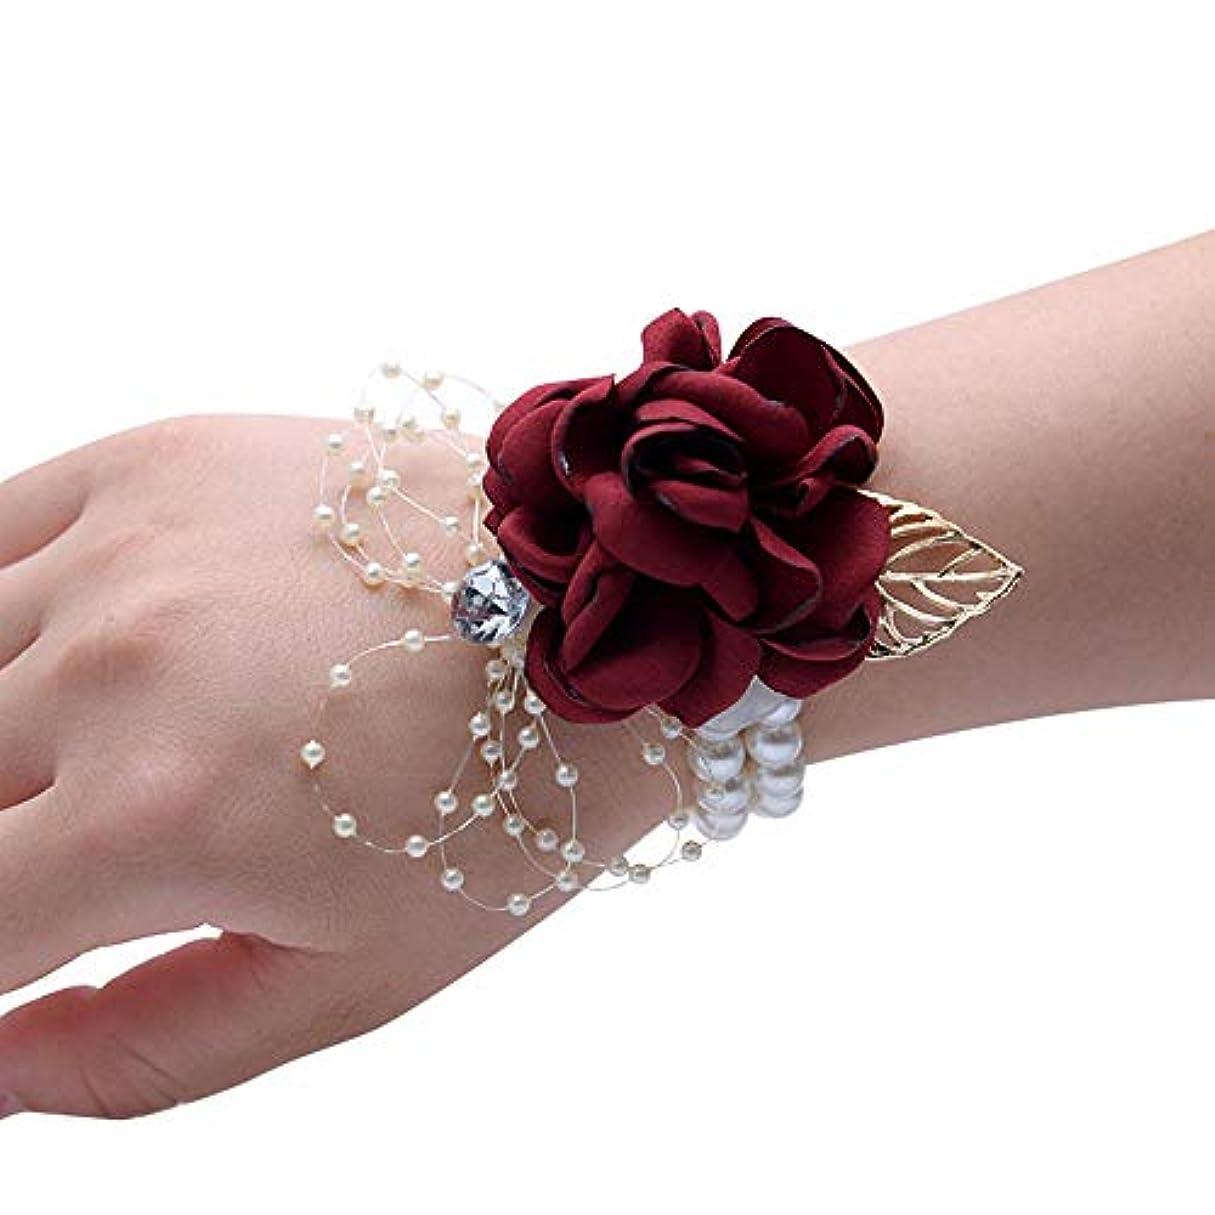 体操選手考えた肉屋Merssavo 手首の花 - 女の子チャーム手首コサージュブレスレット花嫁介添人姉妹の手の花のどの真珠の結婚式、ワインレッド